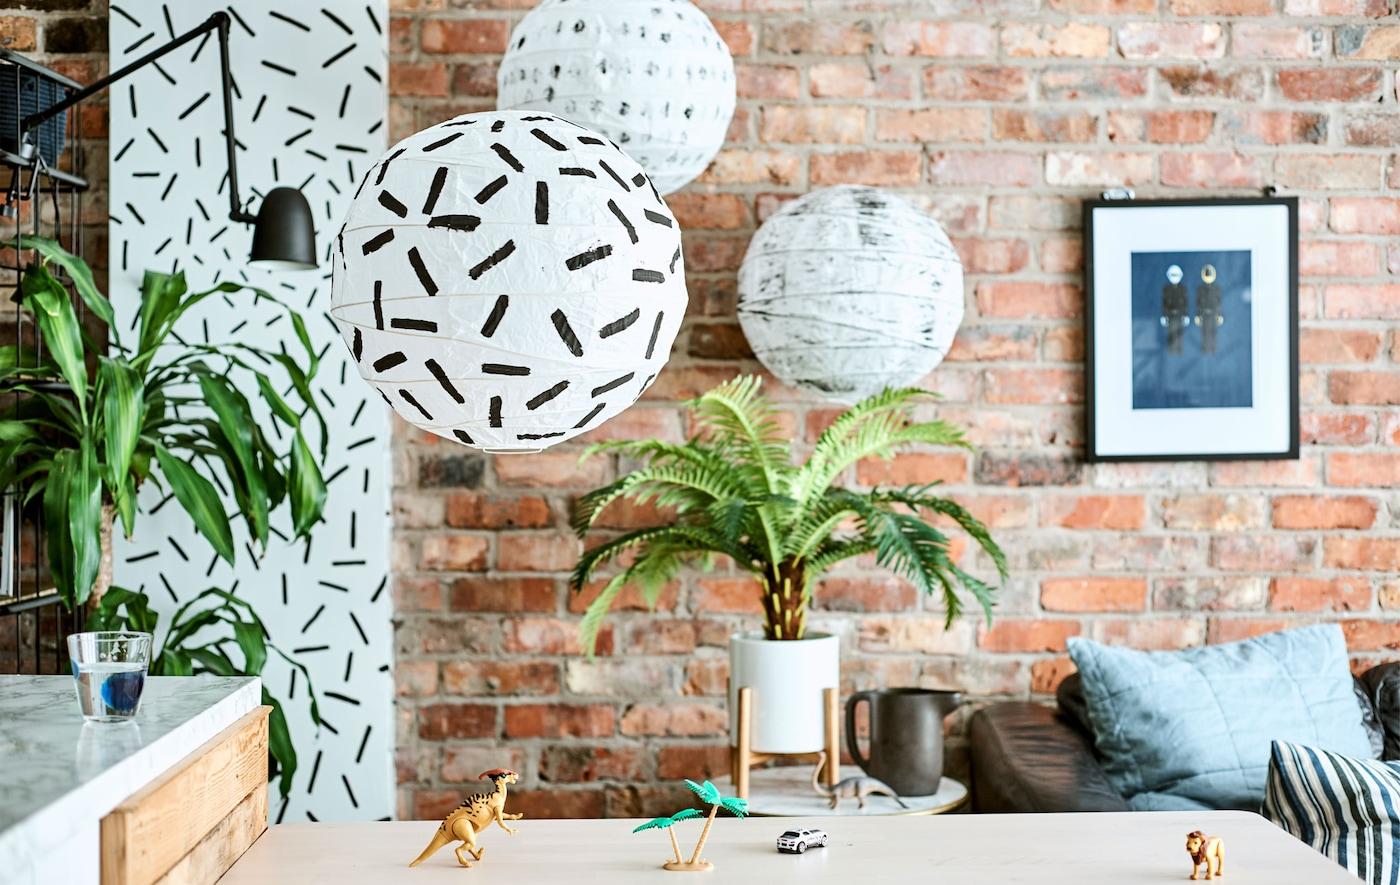 Tre lampade rotonde in bianco e nero appese sopra un bancone con alcuni giocattoli, in una cucina con muro in mattoni a vista - IKEA